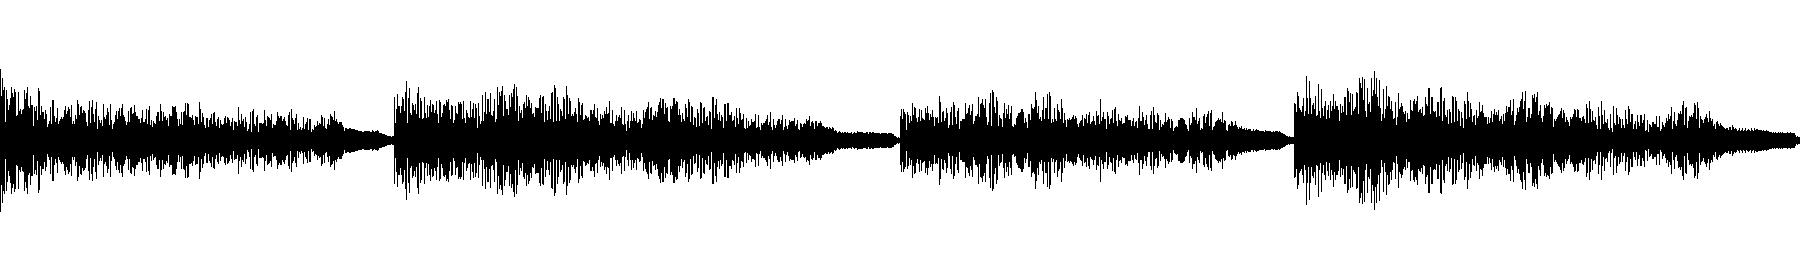 Fhp rhodes 20chords7 125 c